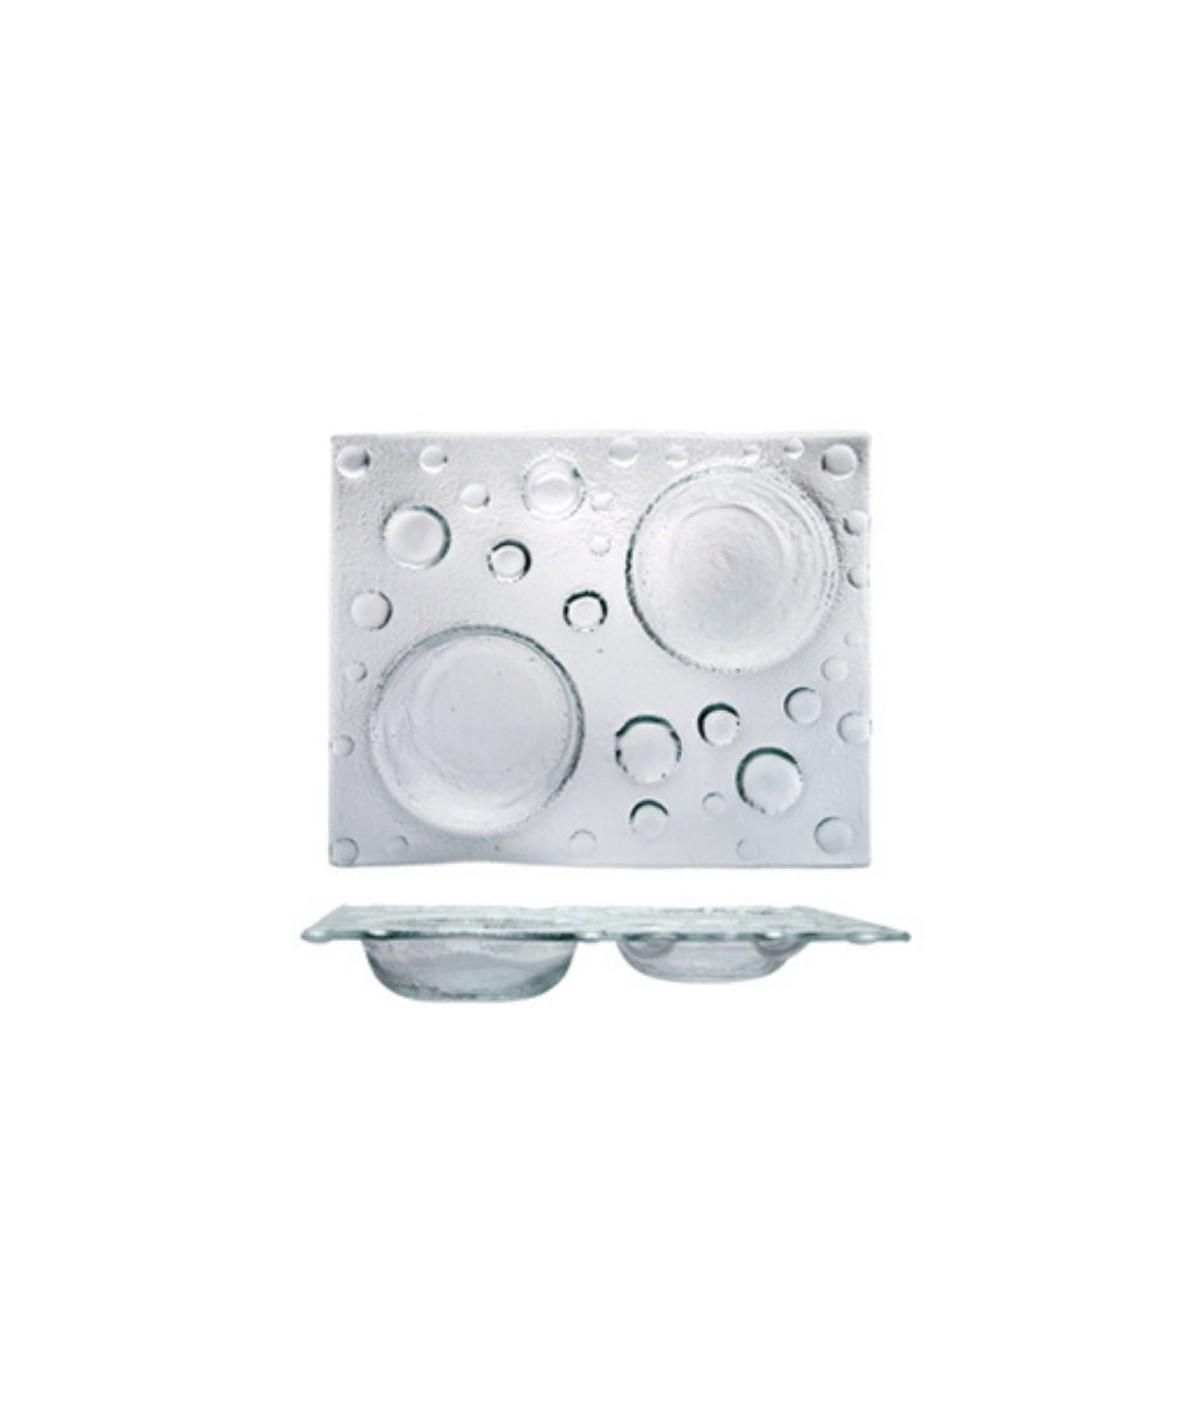 Antipastiera rettangolare in vetro bis Bubble - Morini